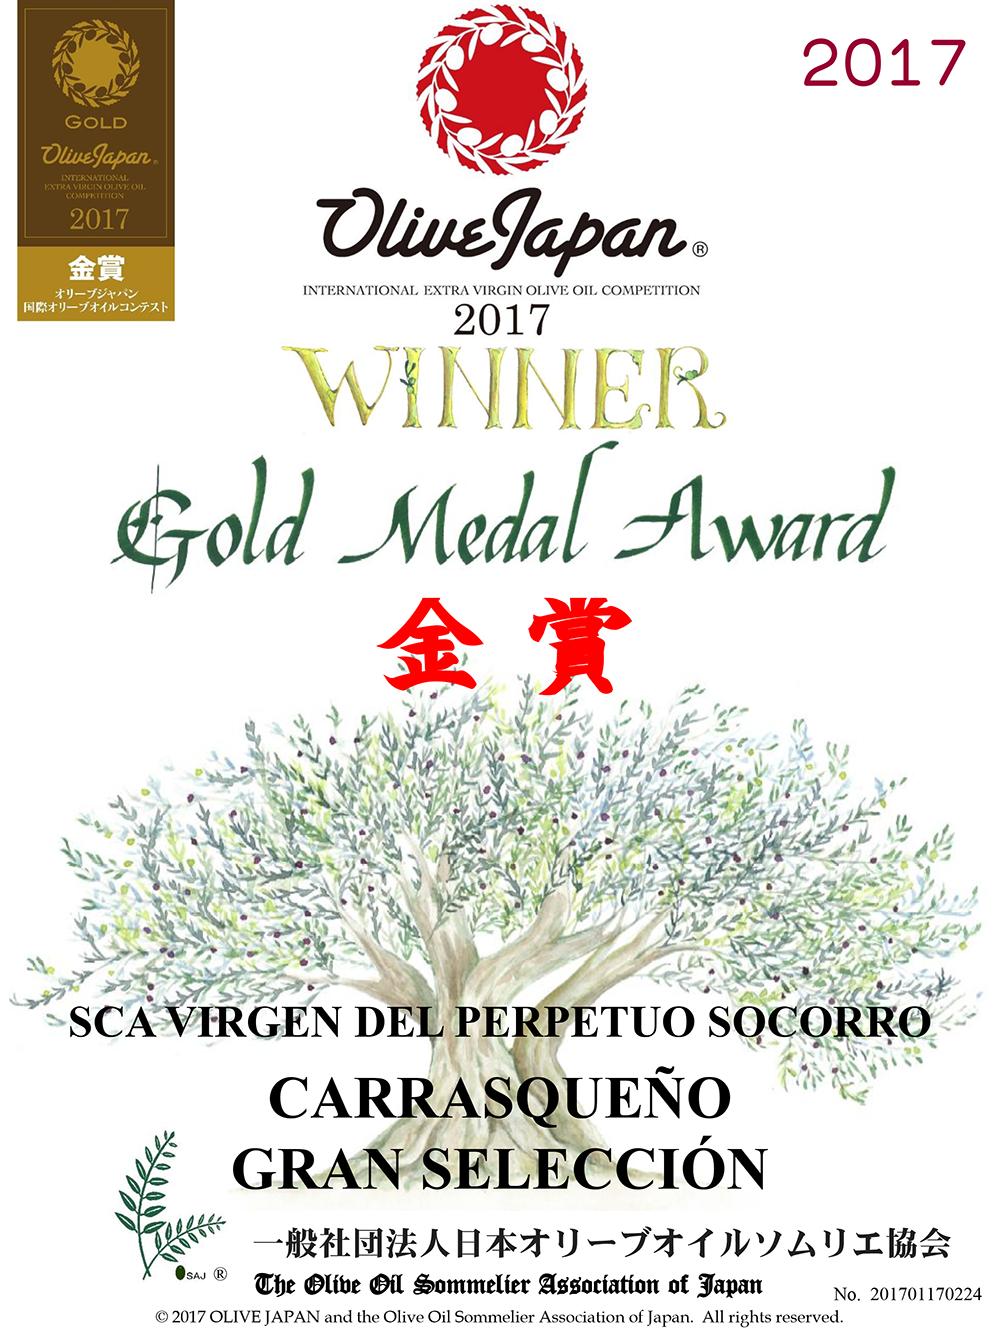 AOVE Carrasqueño Gran Selección medalla de oro en el concurso internacional @olivejapan de Japón